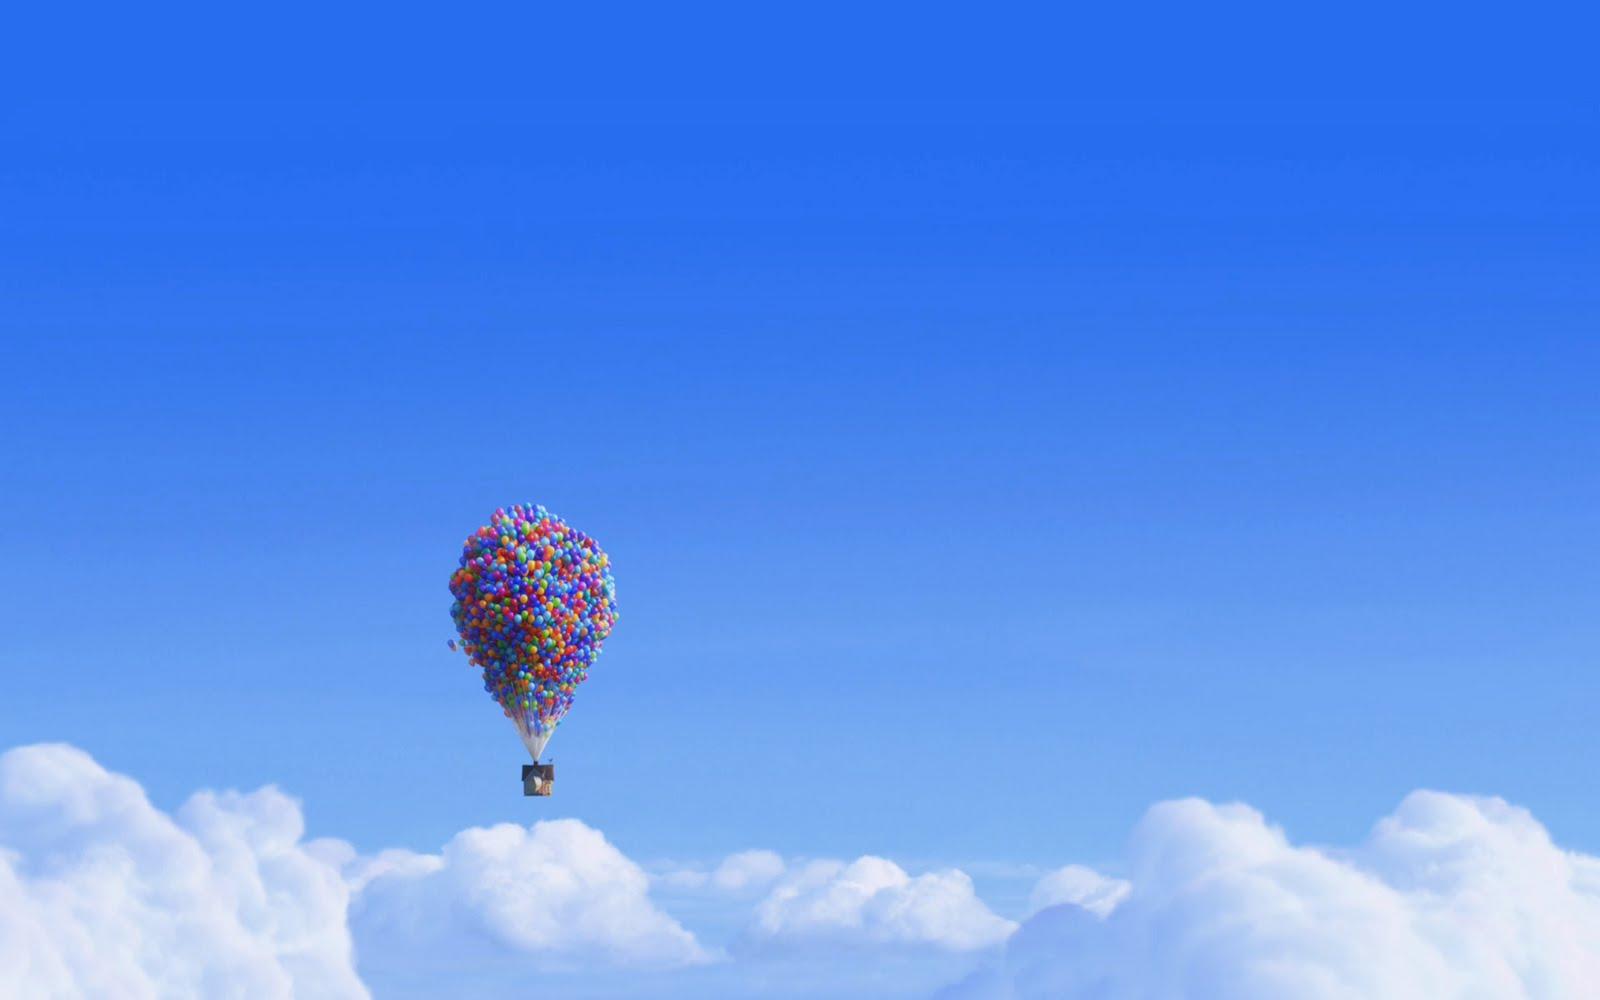 Up Pixar Animation HD Wallpapers | Desktop Wallpapers